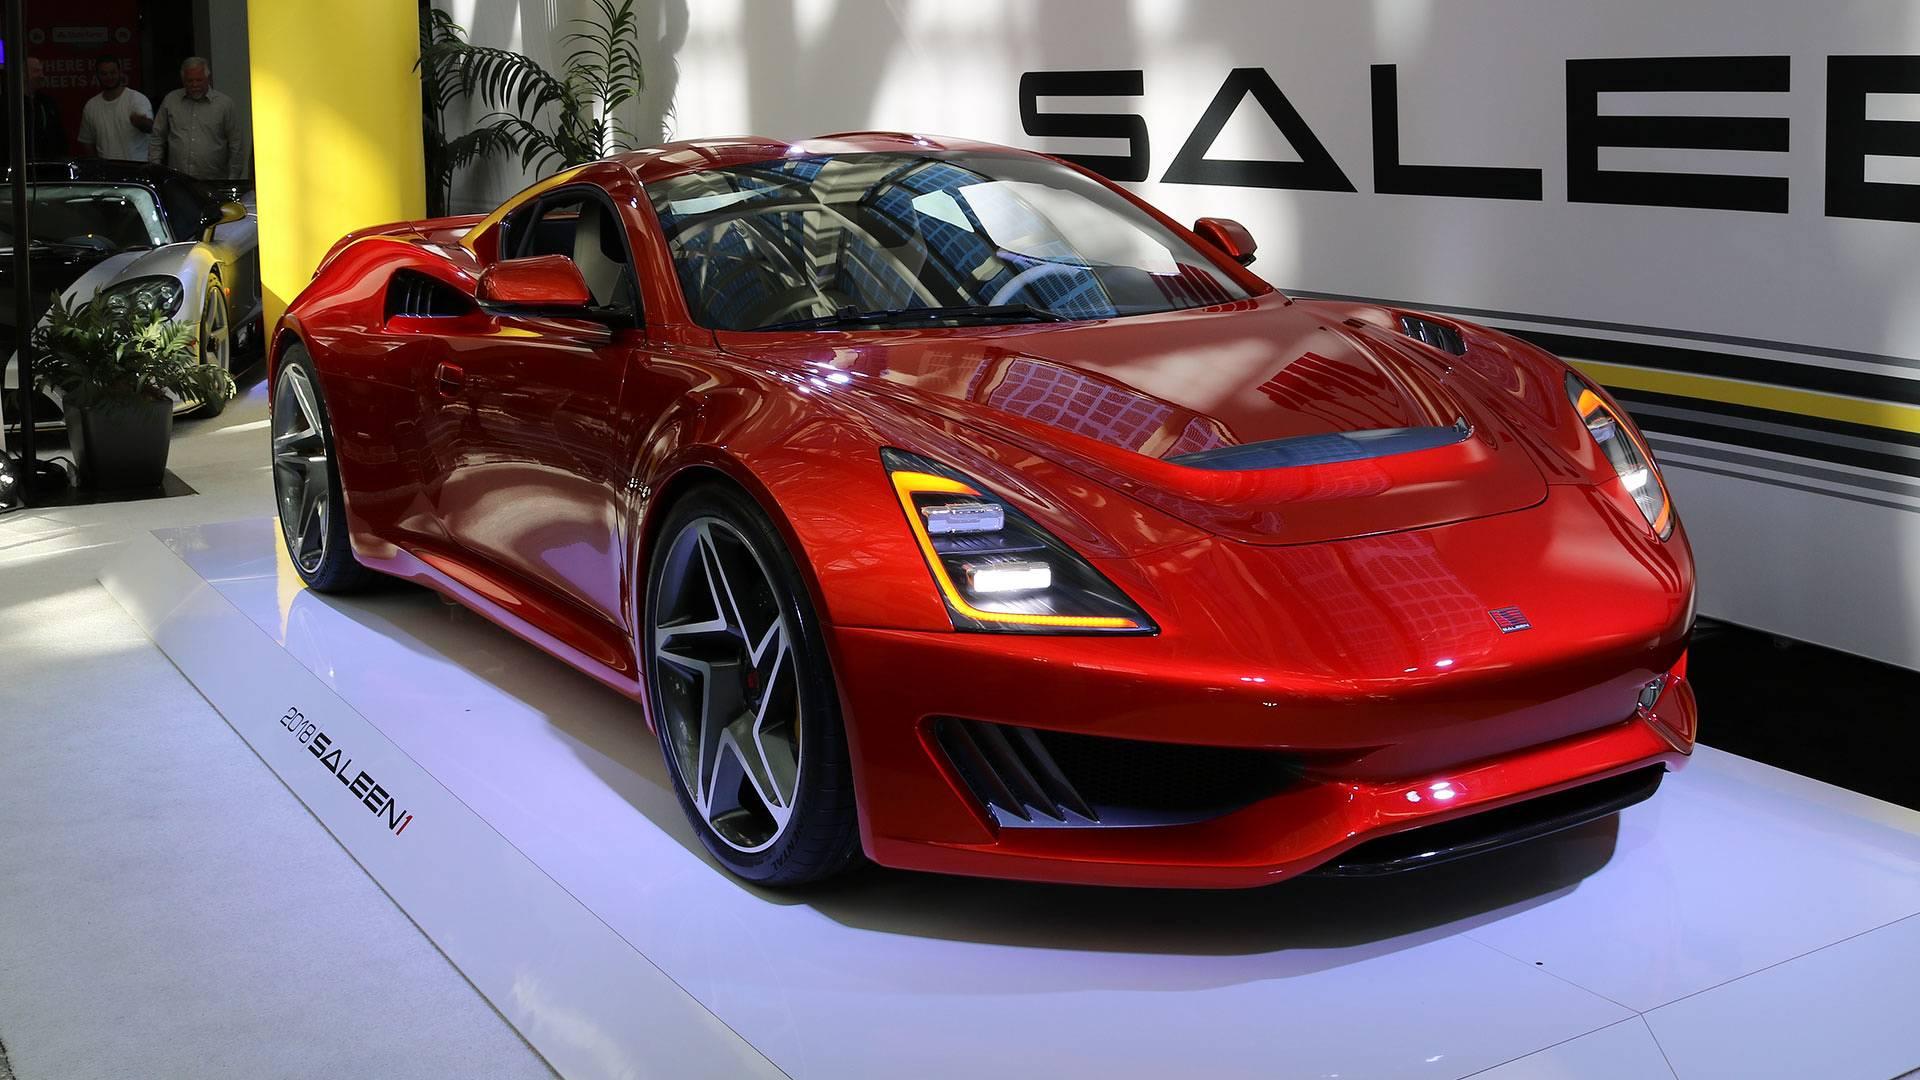 Descubre El Nuevo Modelo De Saleen Excelencias Del Motor